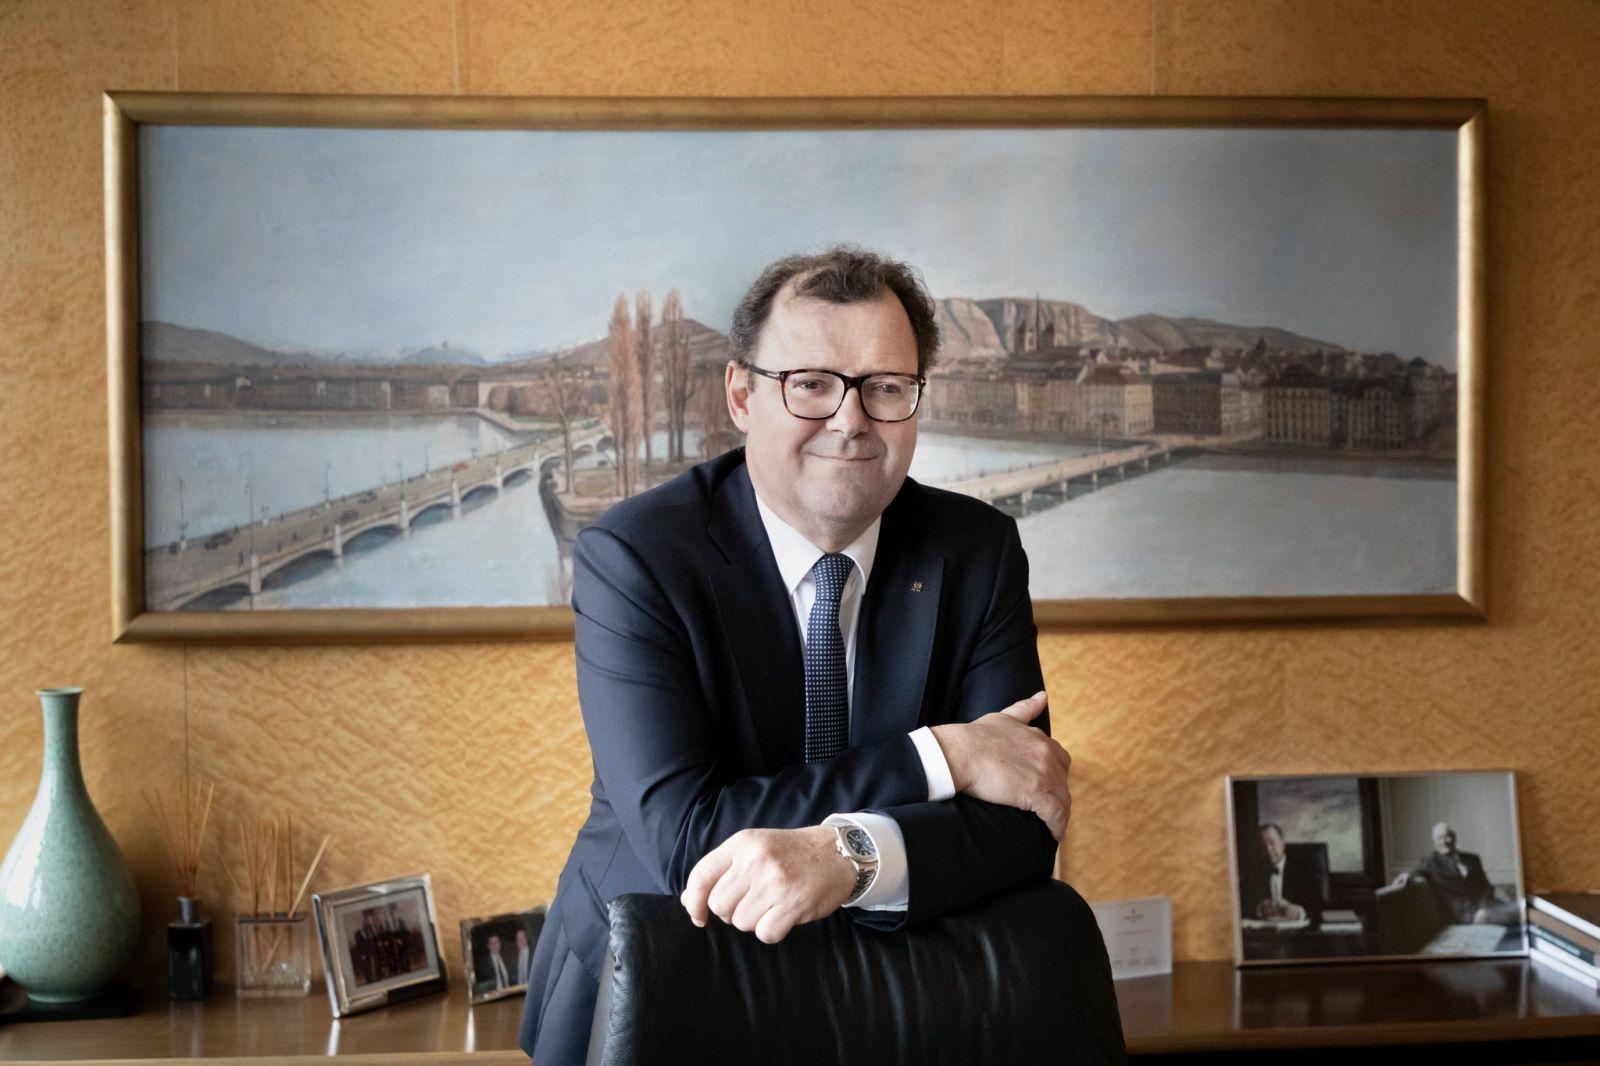 Thierry Stern, giám đốc điều hành của Patek Philippe, cho biết tham vọng của ông là phát triển công ty không quá 3% mỗi năm.